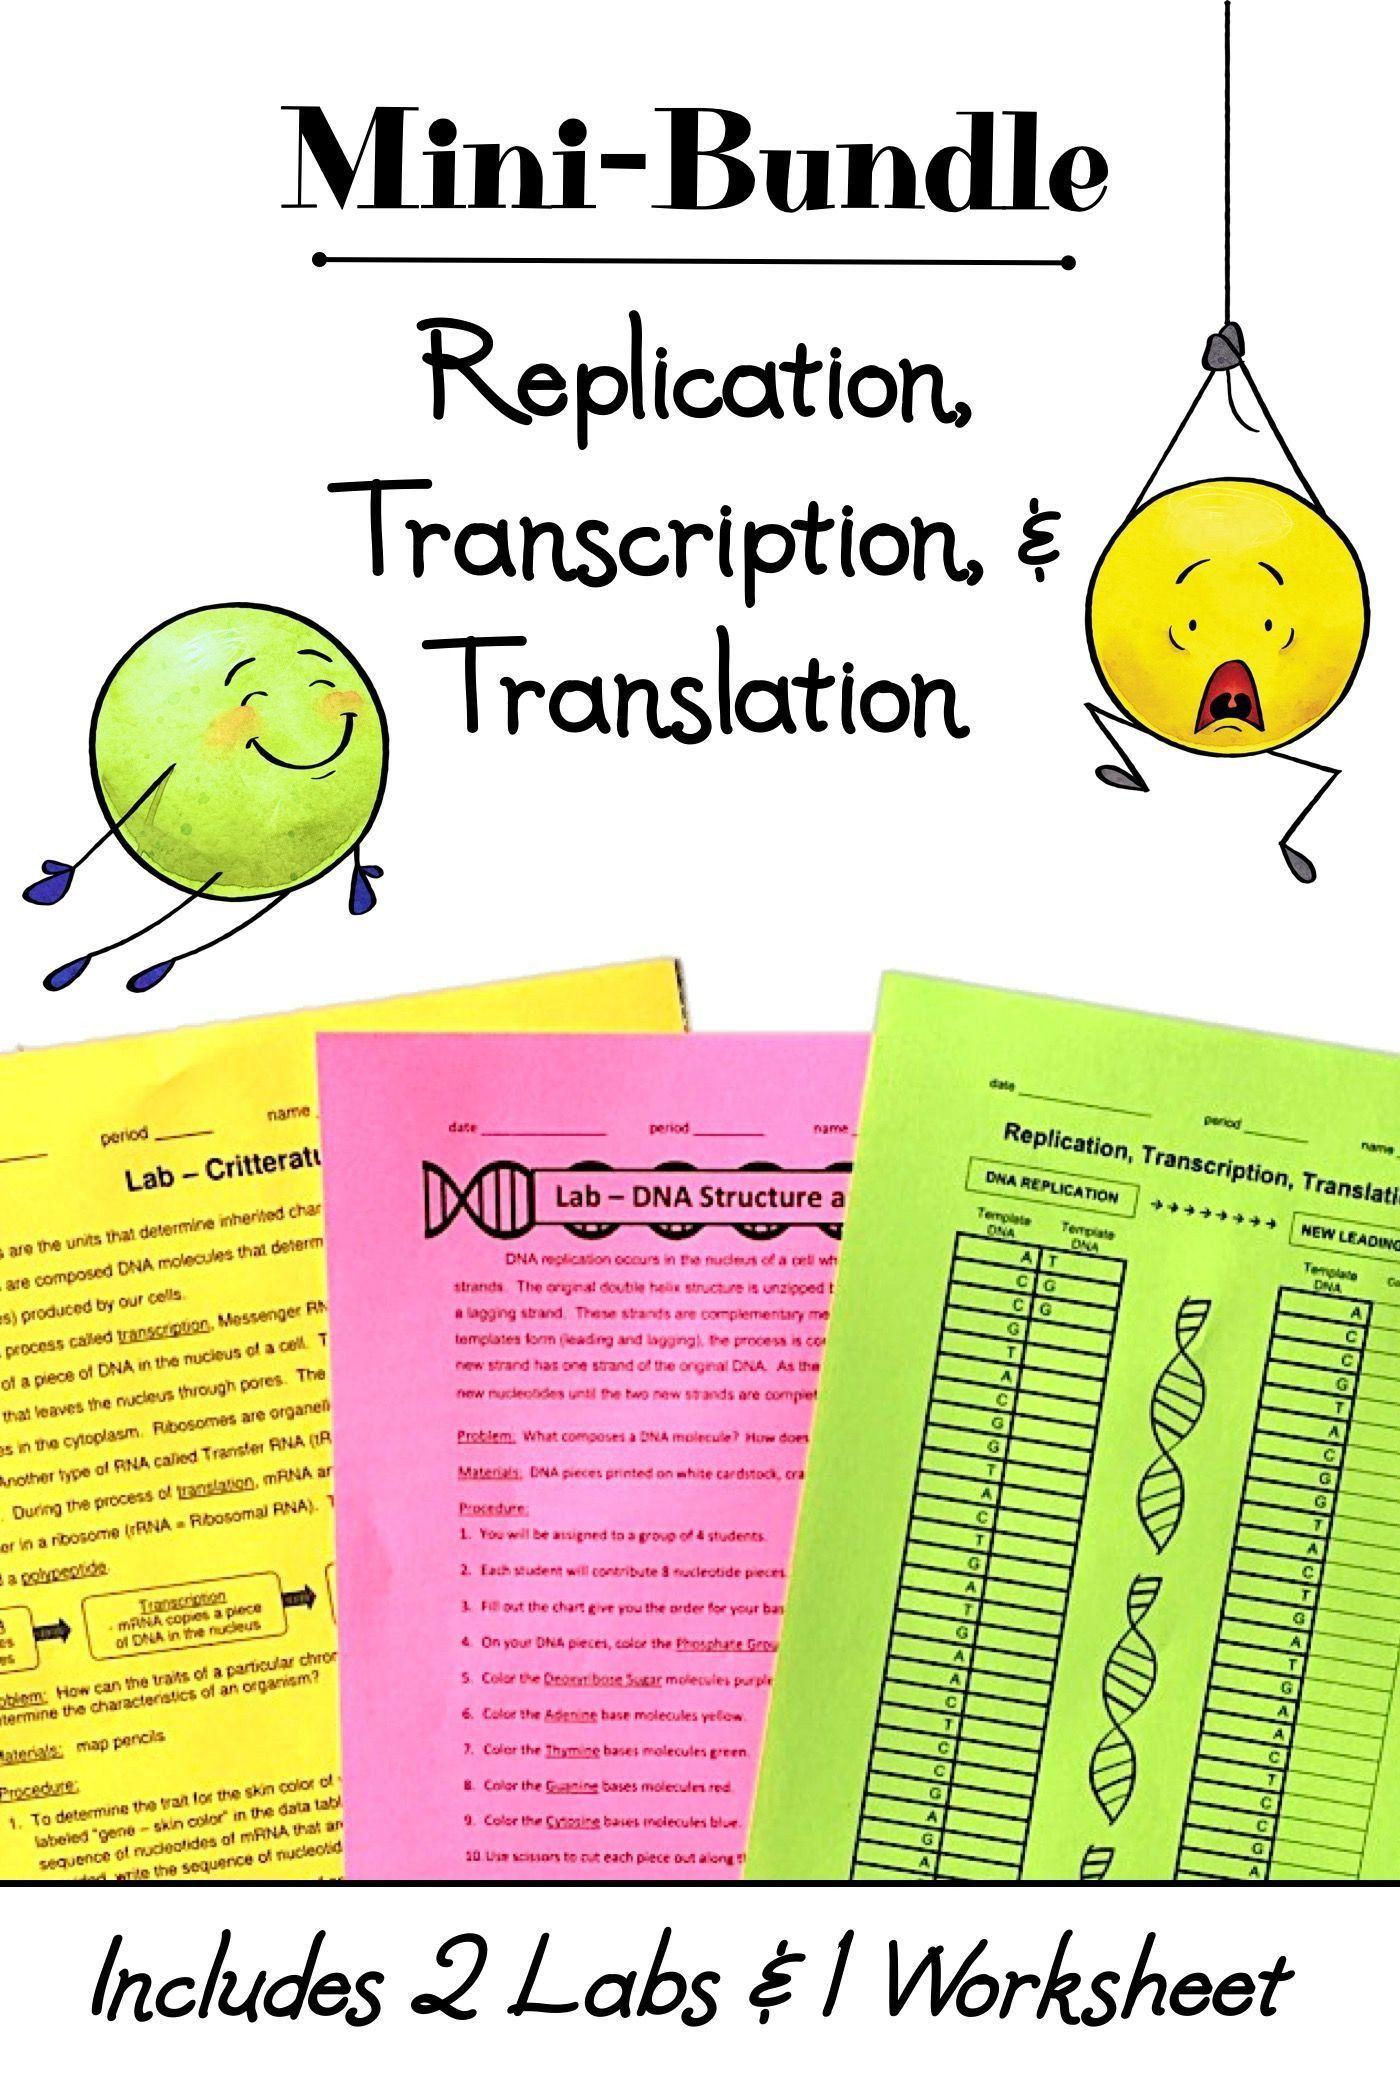 Dna Transcription and Translation Worksheet Dna Transcription and Translation Worksheet Replication